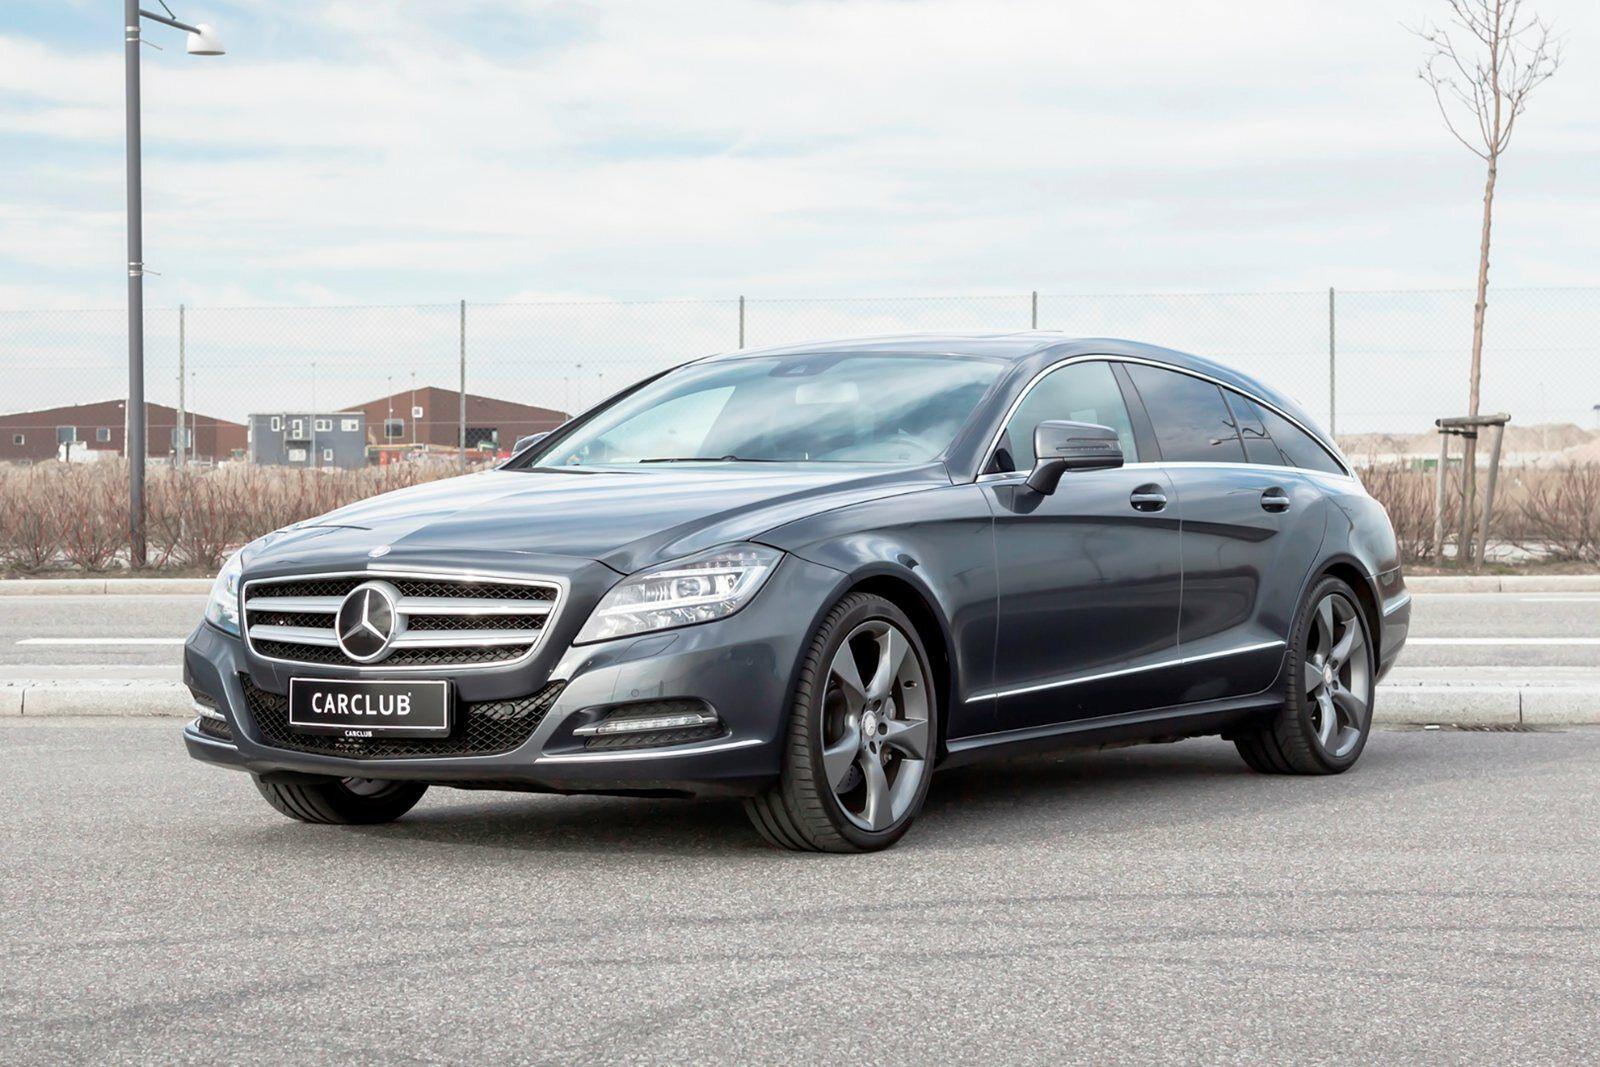 Mercedes CLS350 3,0 CDi SB aut. 4-M BE 5d - 429.900 kr.